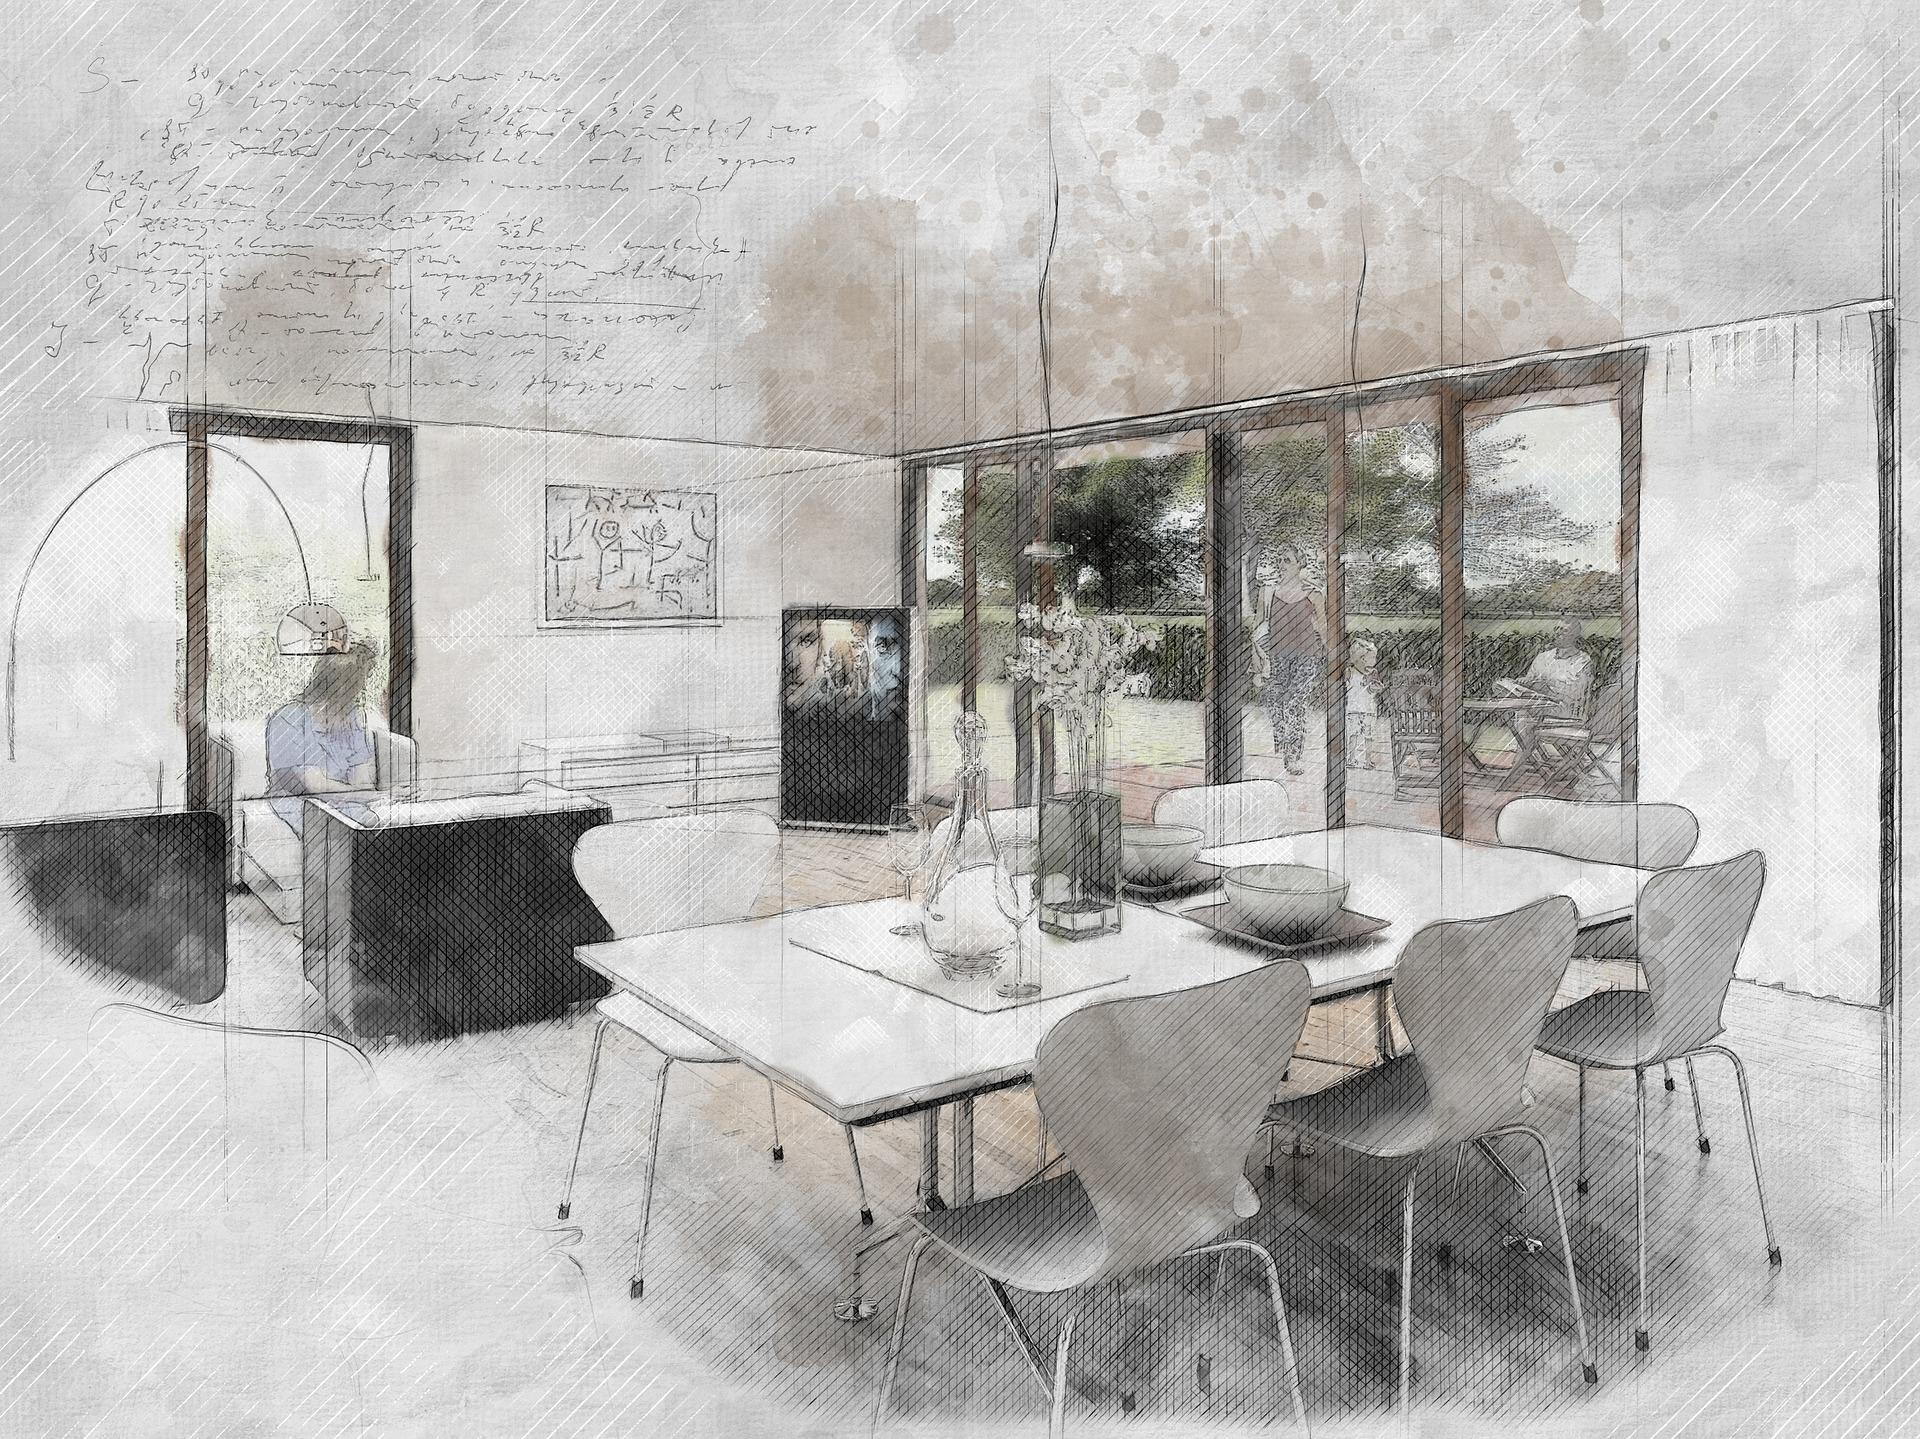 Innenarchitektur / Planungen| m04 - moderne räumem04 – moderne räume